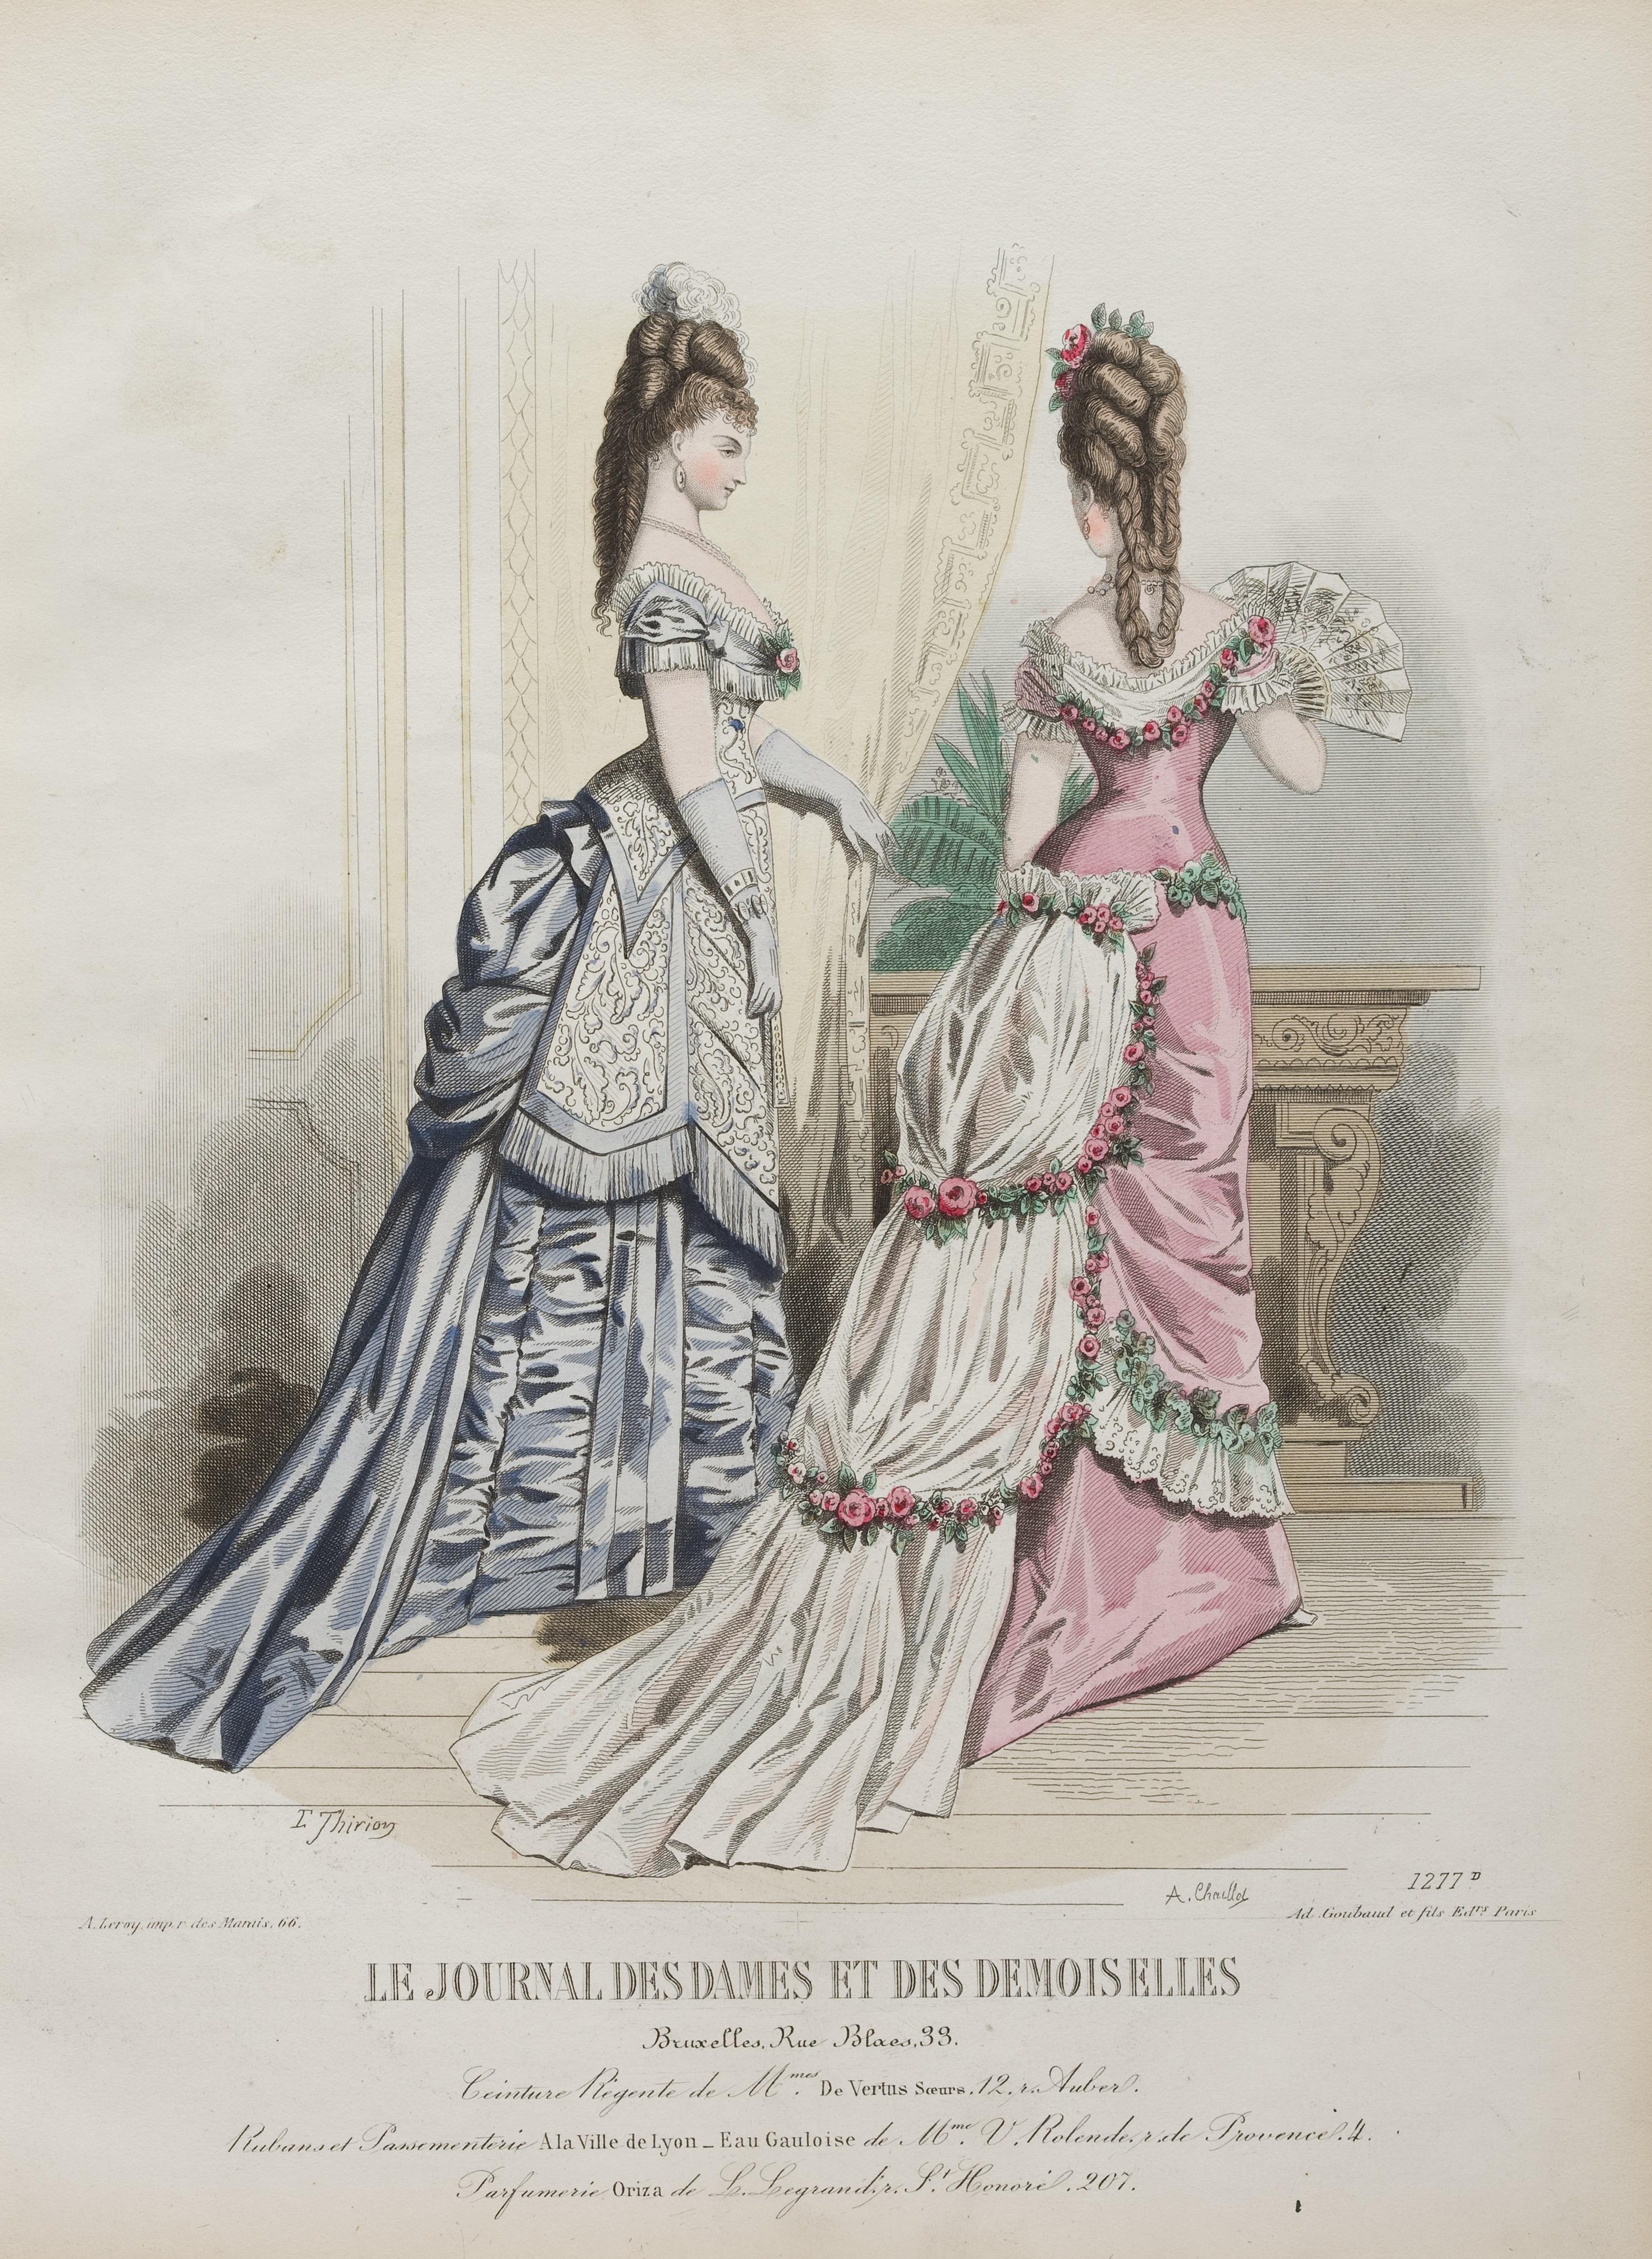 Le Journal des dames et des modes demoiselle、1875年より